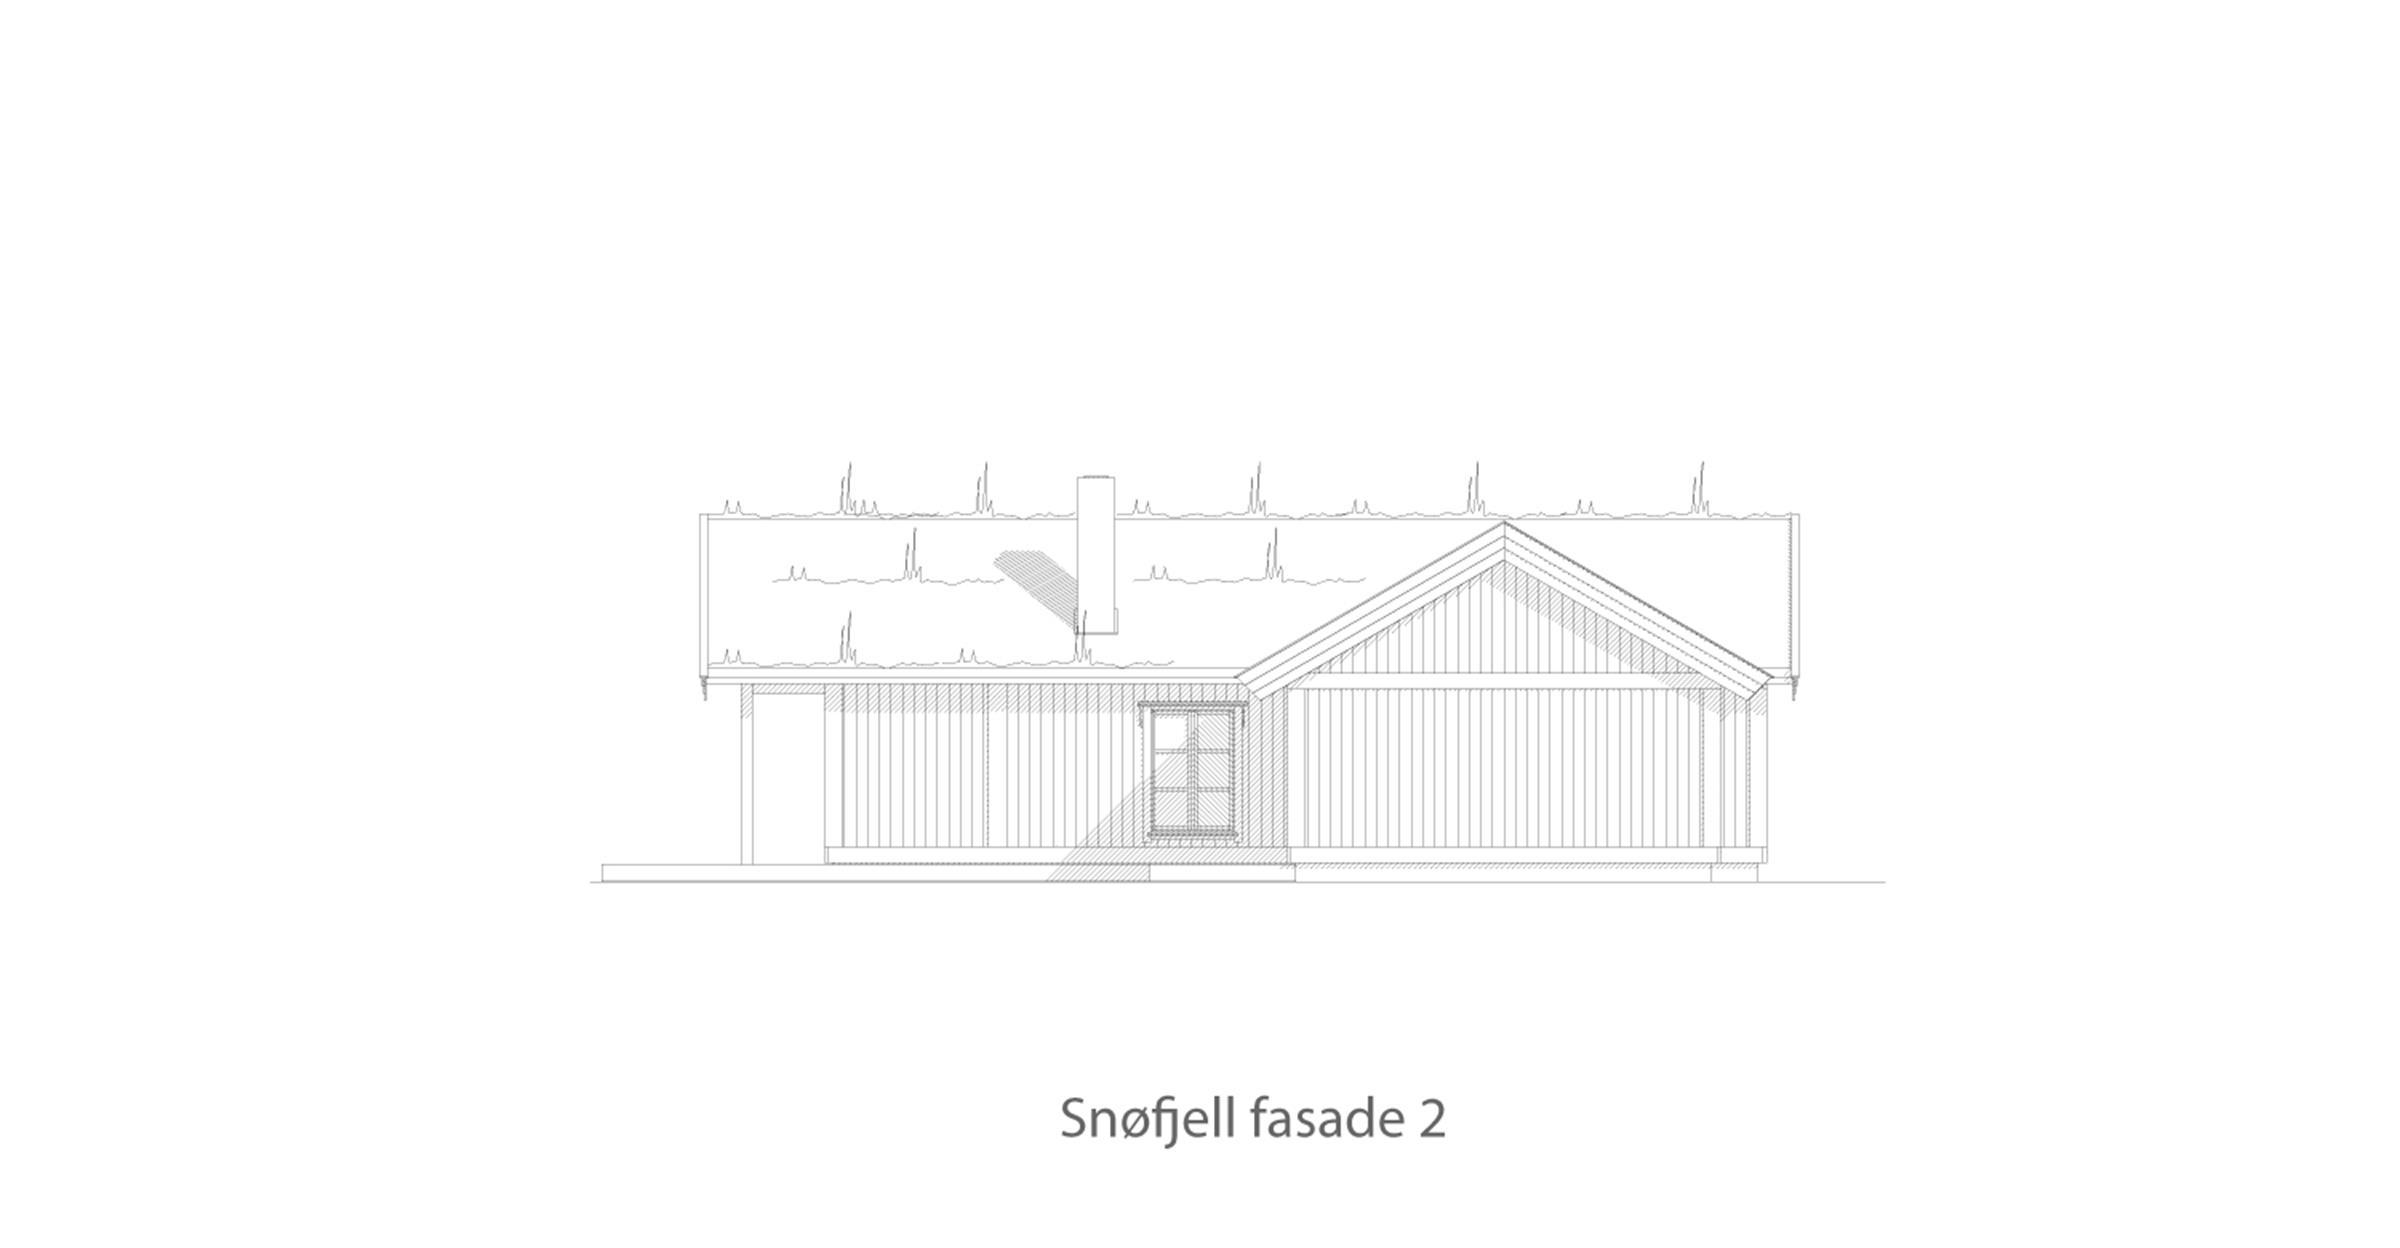 Snøfjell fasade 2